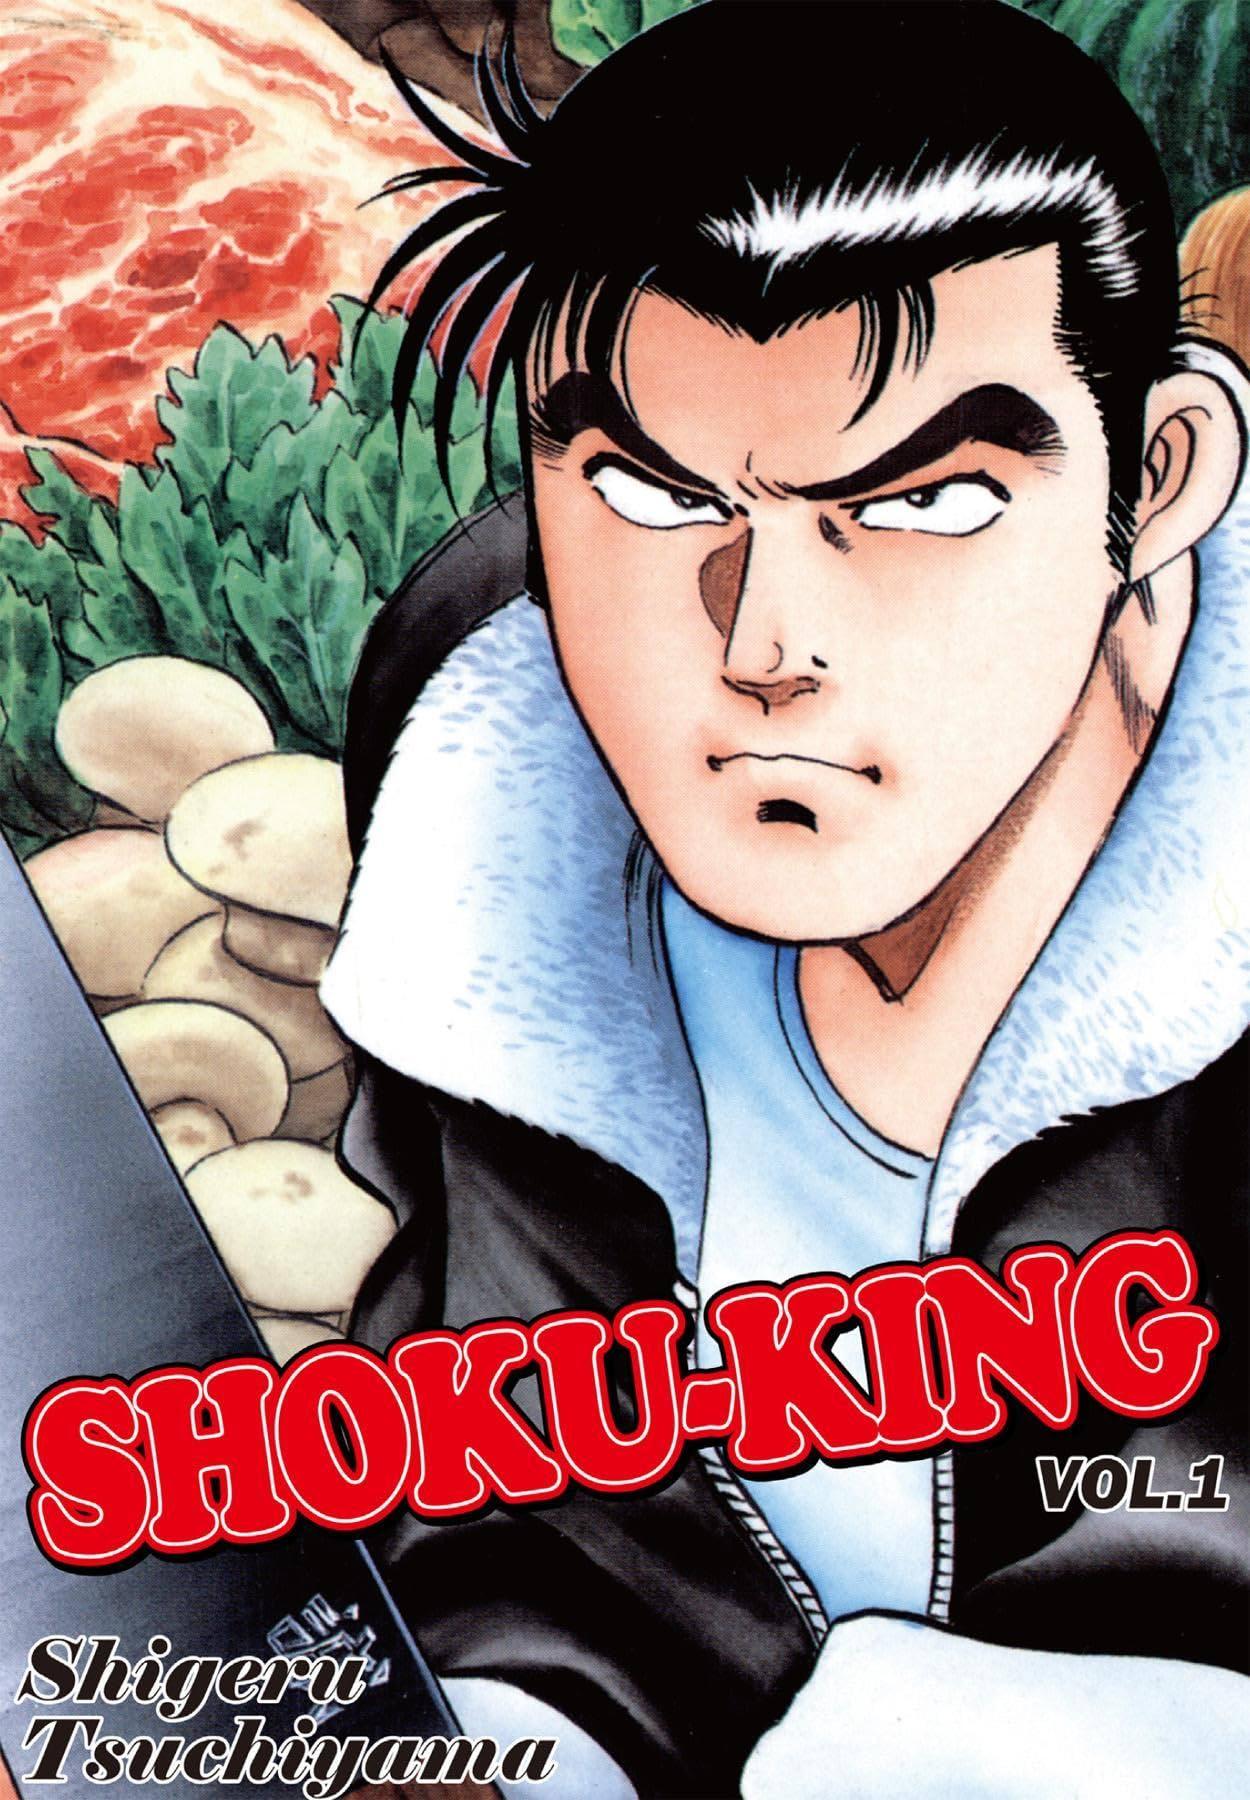 SHOKU-KING Vol. 1